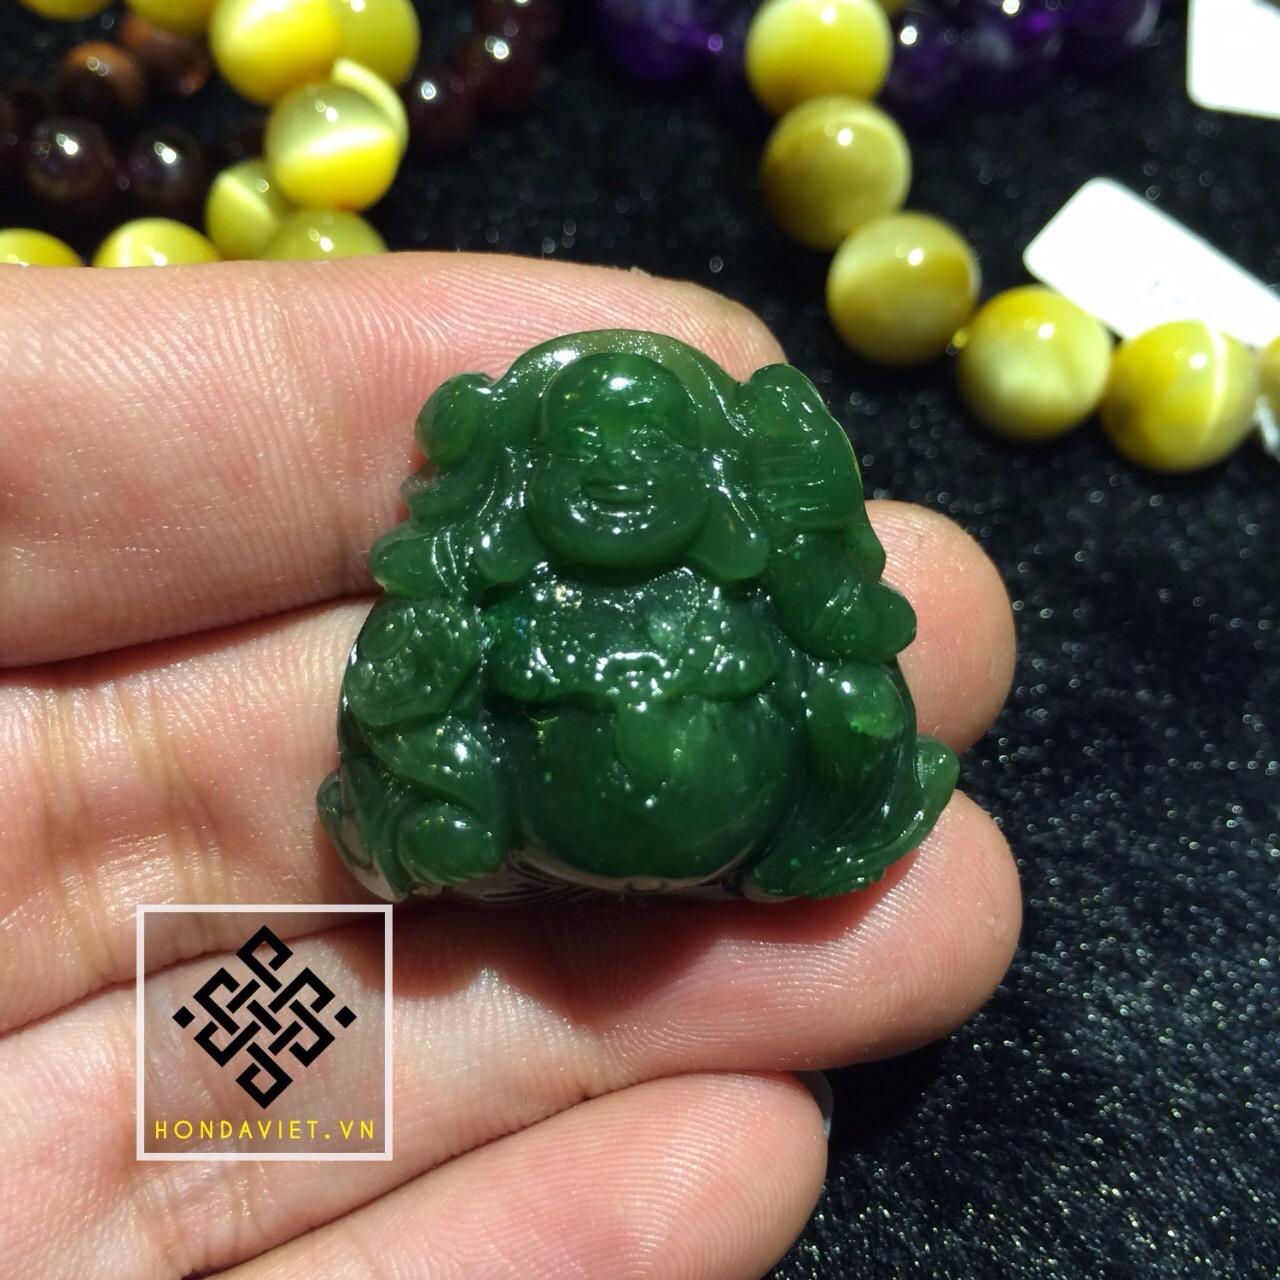 Mặt Dây Chuyền Phật Di Lặc Ngọc Bích (MD021) - 3